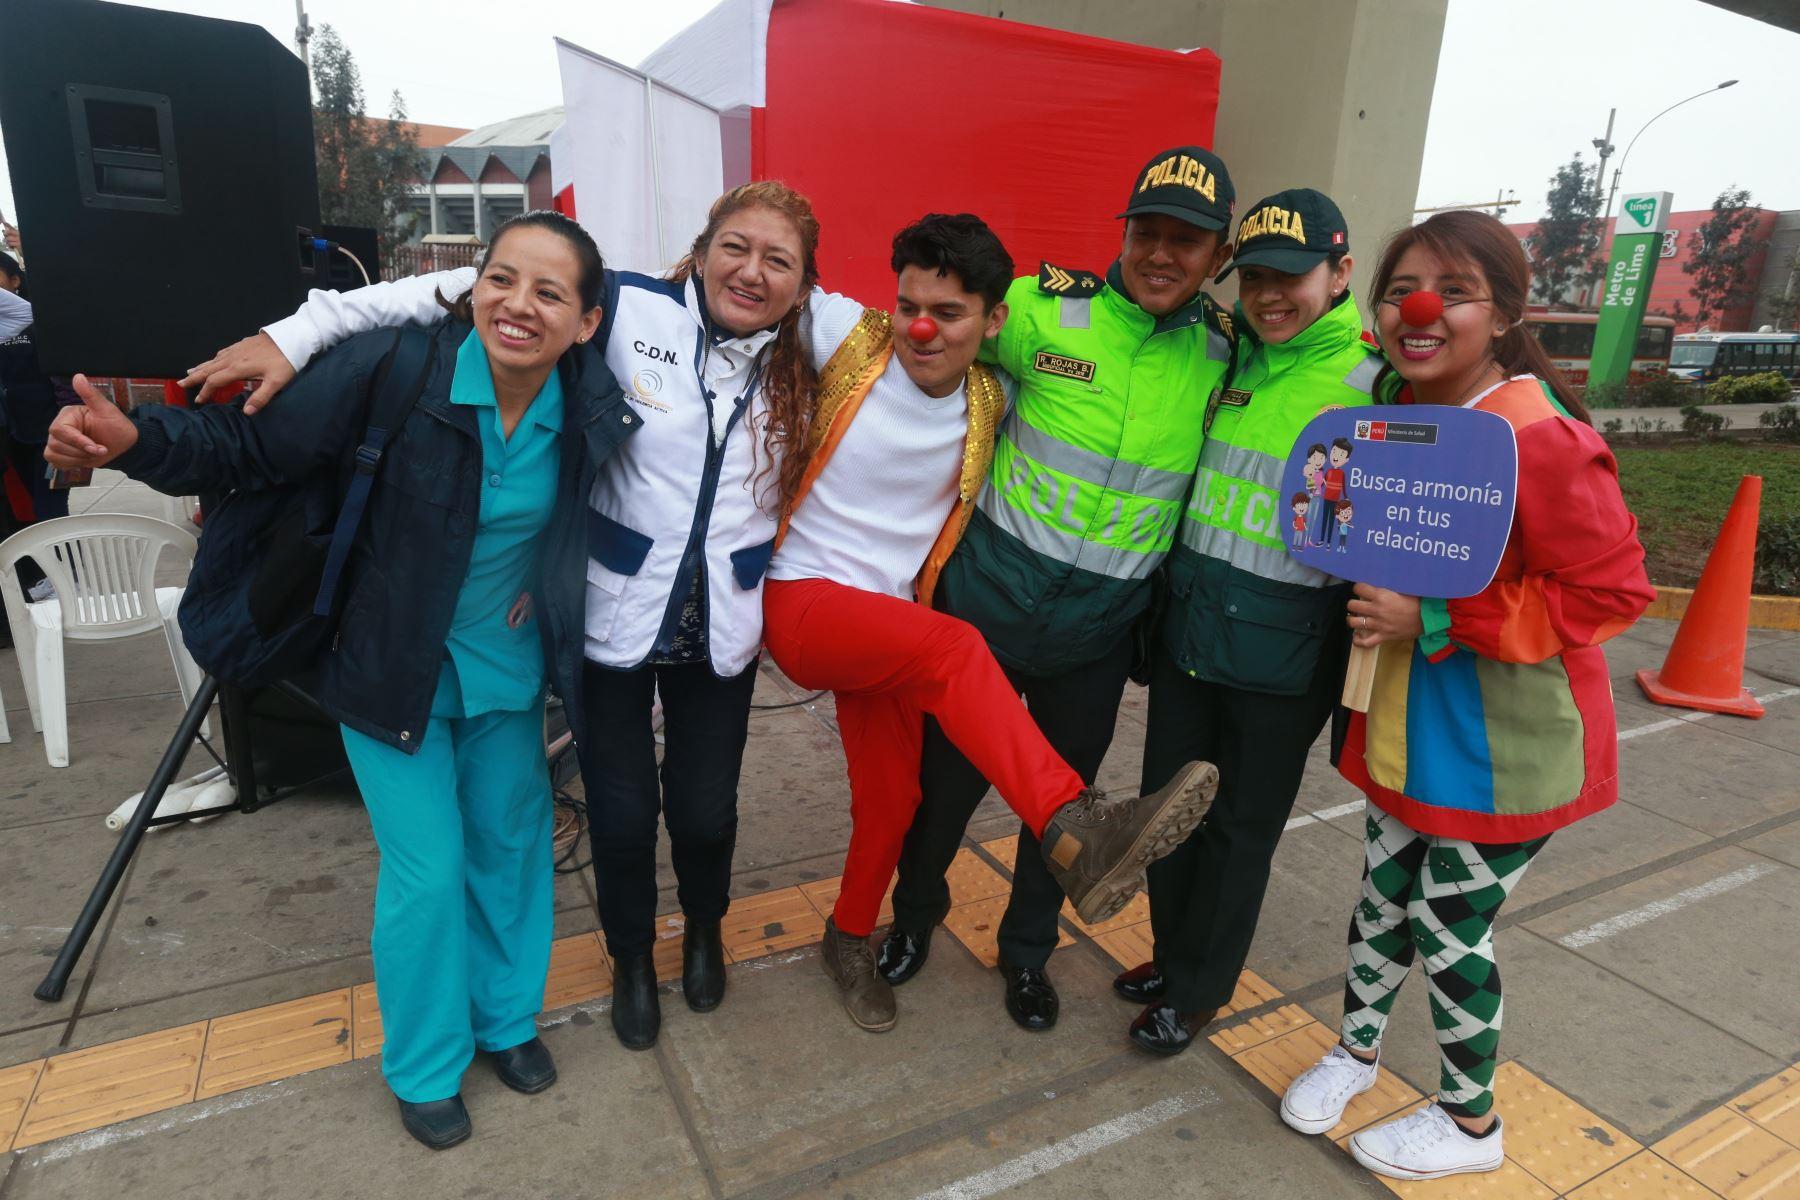 Jornada de consejería y abrazoterapia por el Día Mundial de Prevención del Suicidio organizada por Ministerio de Salud. Foto: ANDINA/Vidal Tarqui